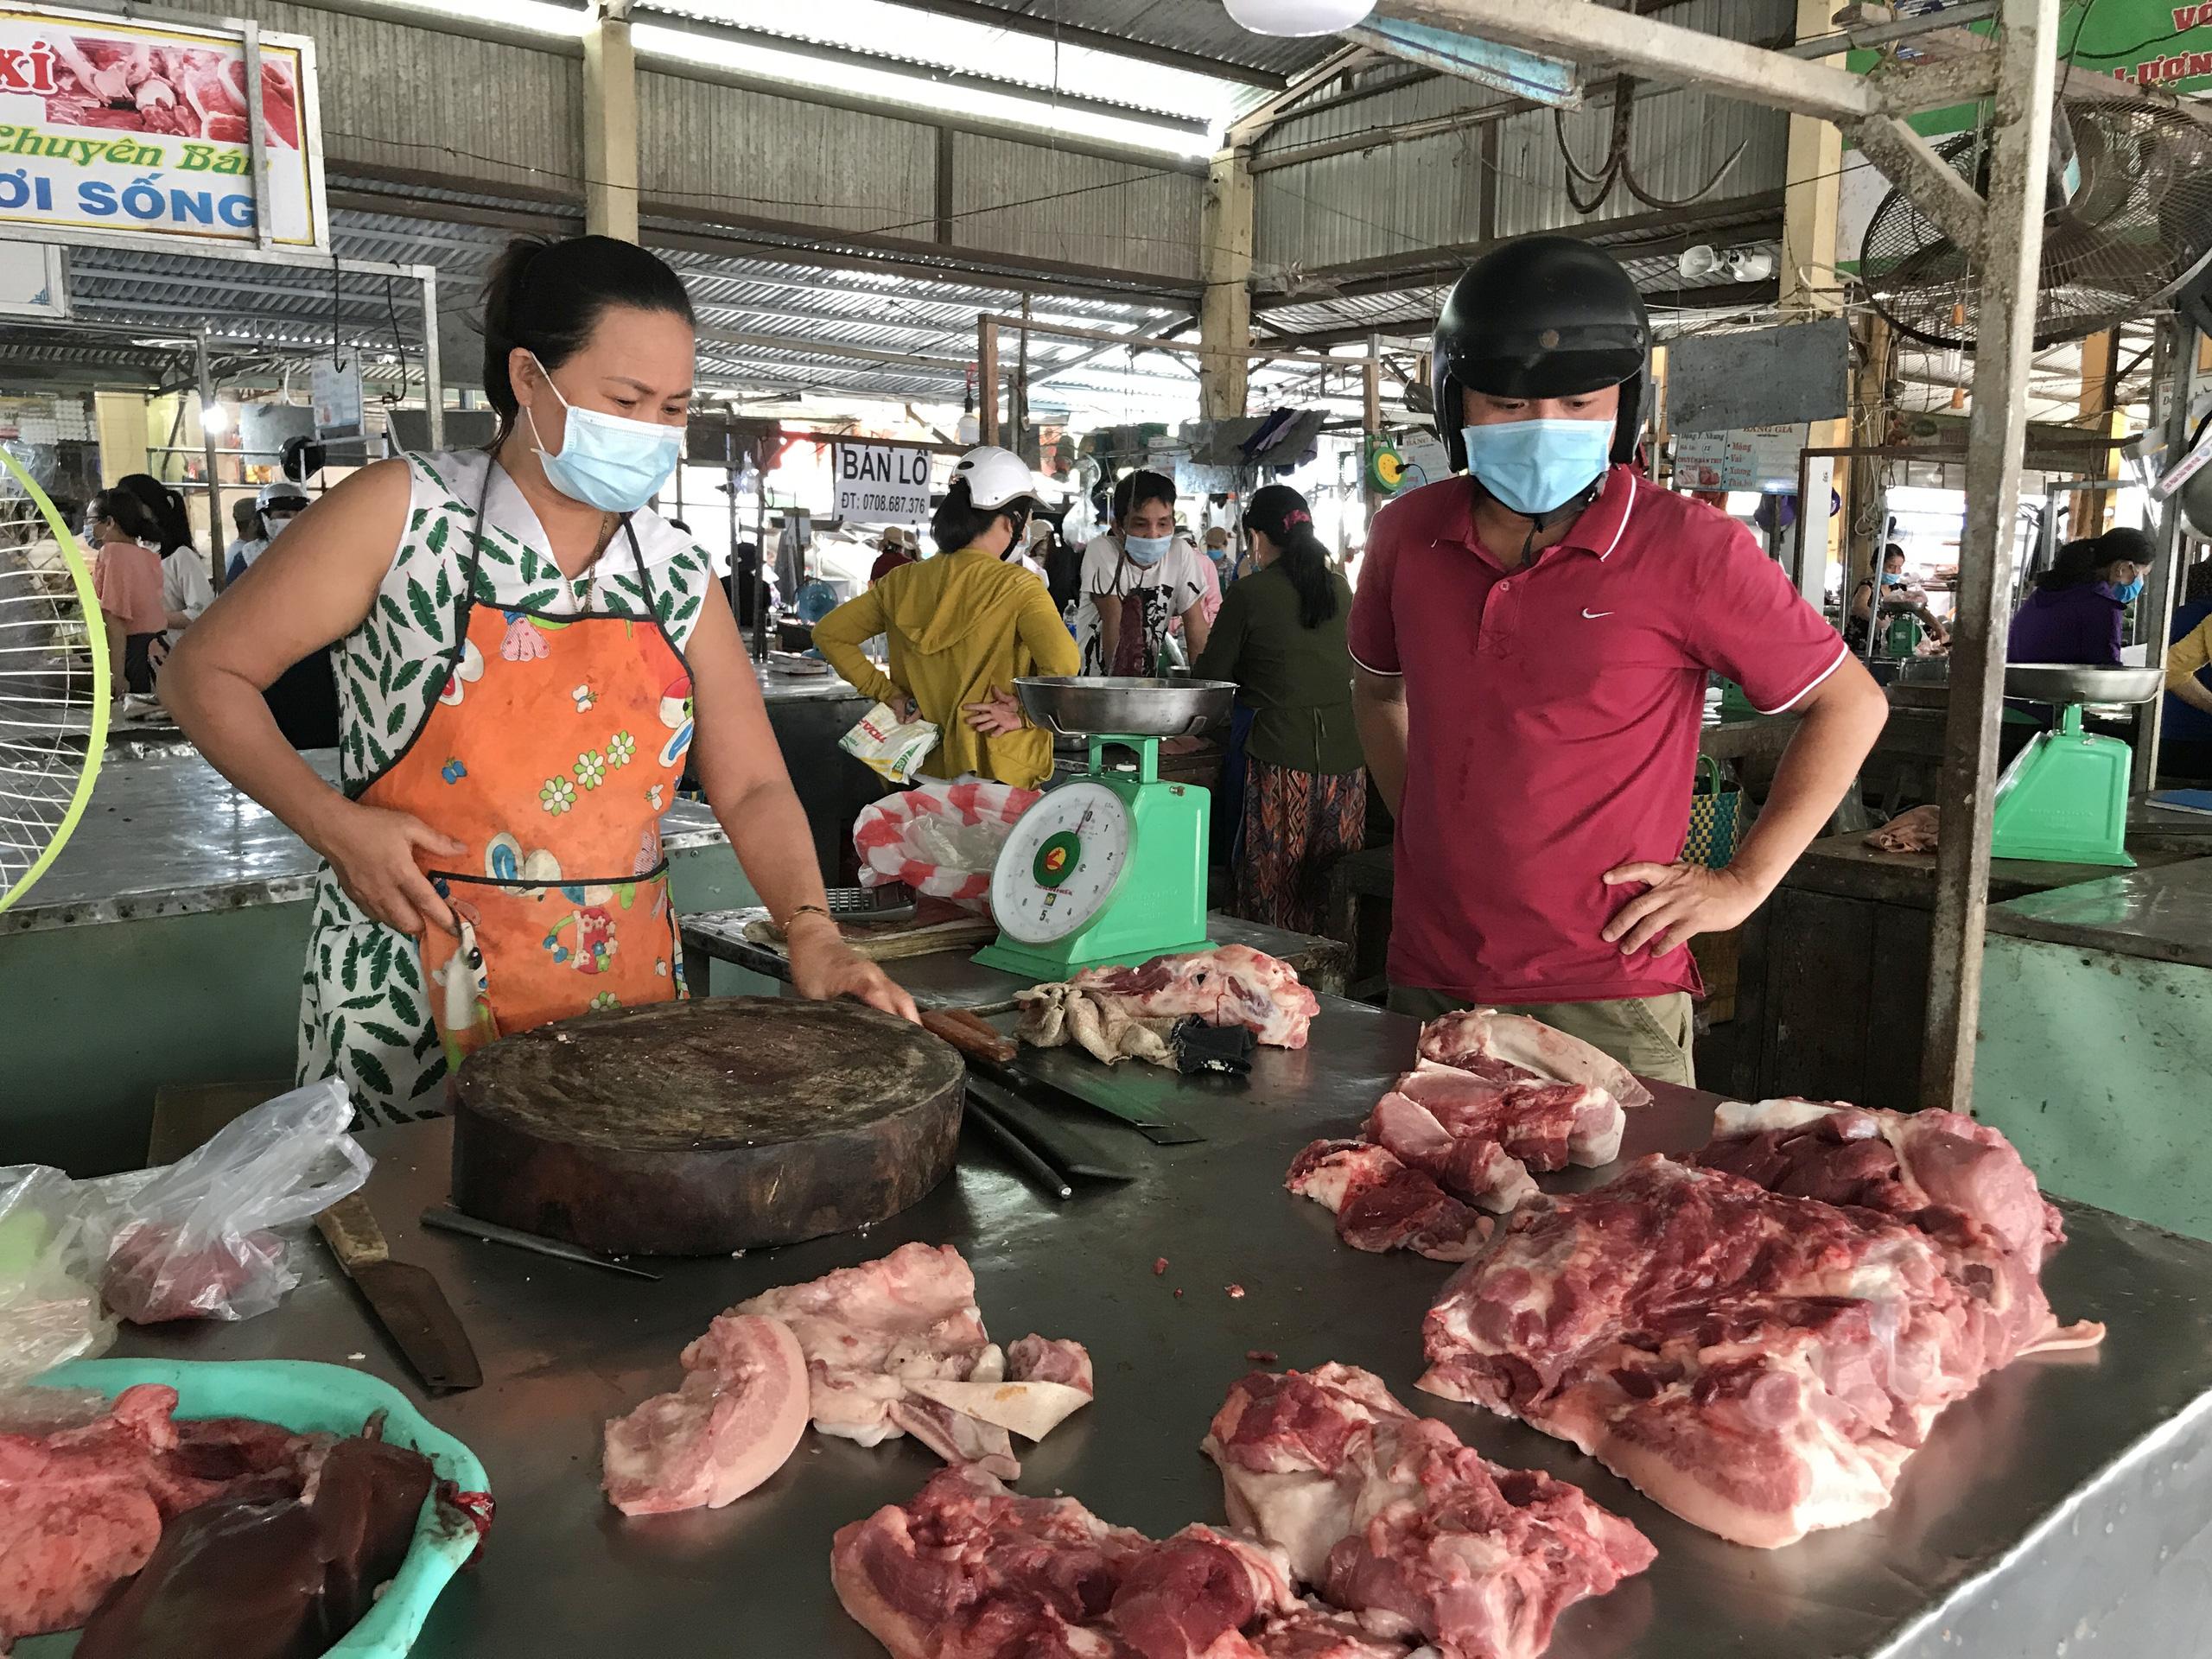 Đà Nẵng: Dịch Covid-19, giá cả các mặt hàng tại các chợ dân sinh biến động thế nào?  - Ảnh 1.